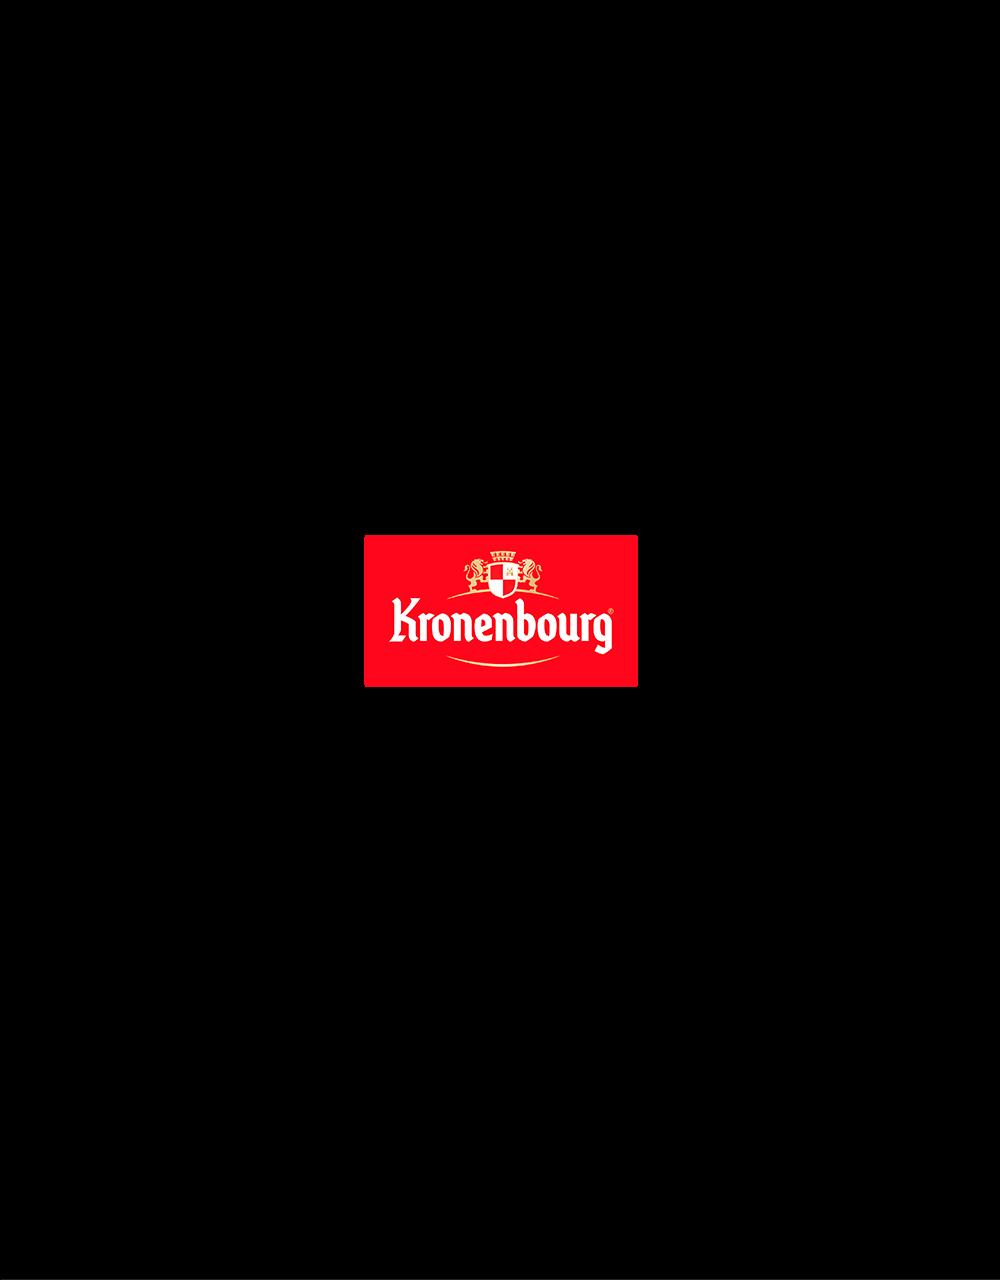 #Kronenbourg